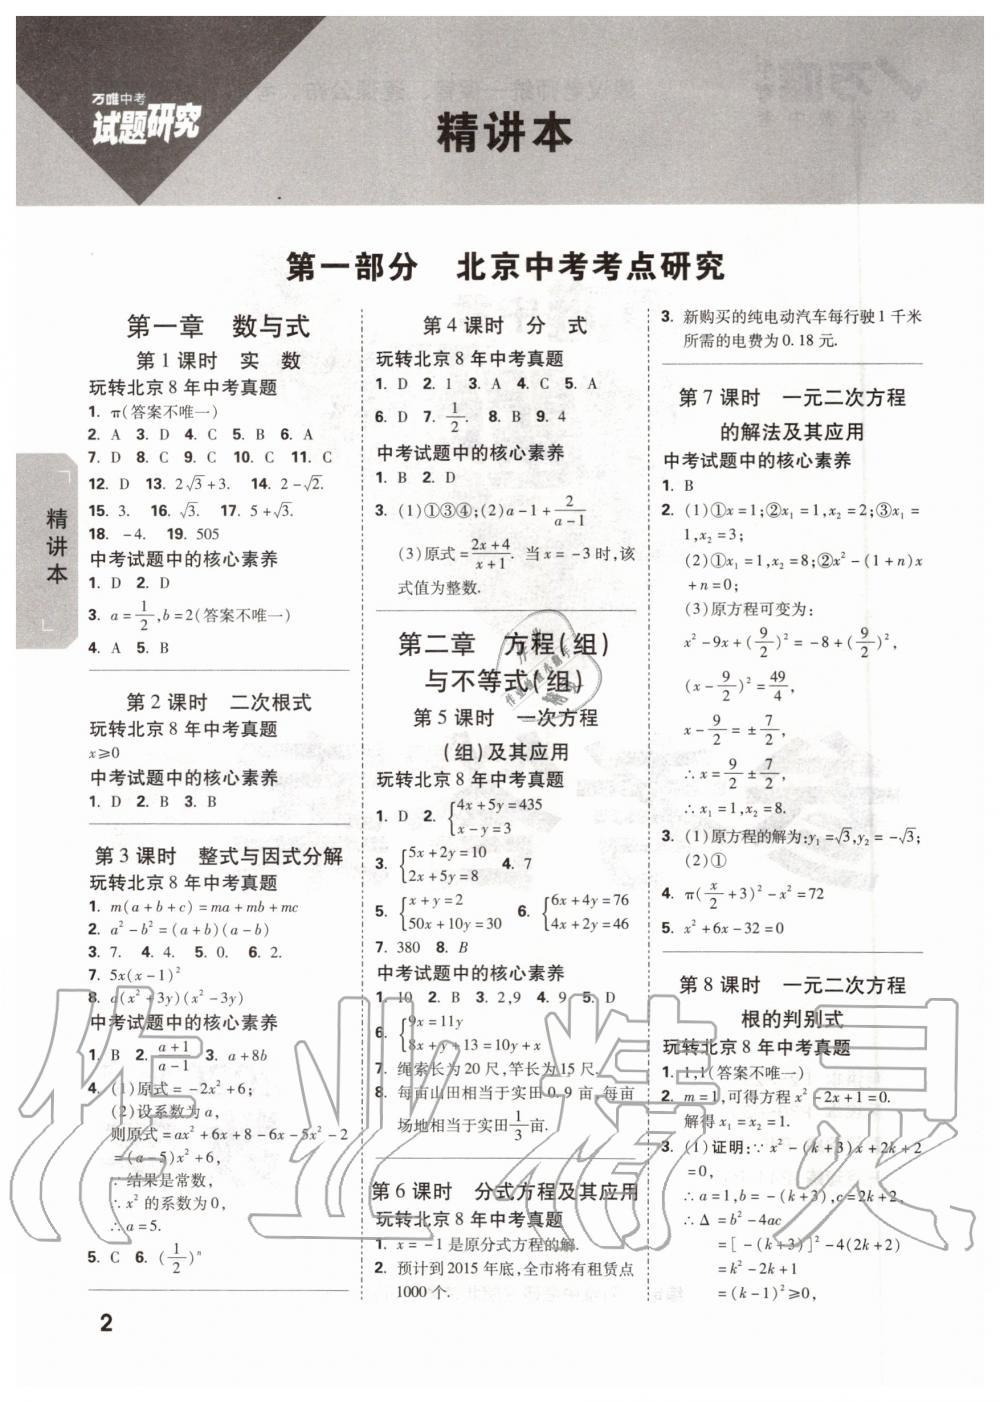 2019年萬唯中考試題研究九年級數學全一冊北京專版第1頁